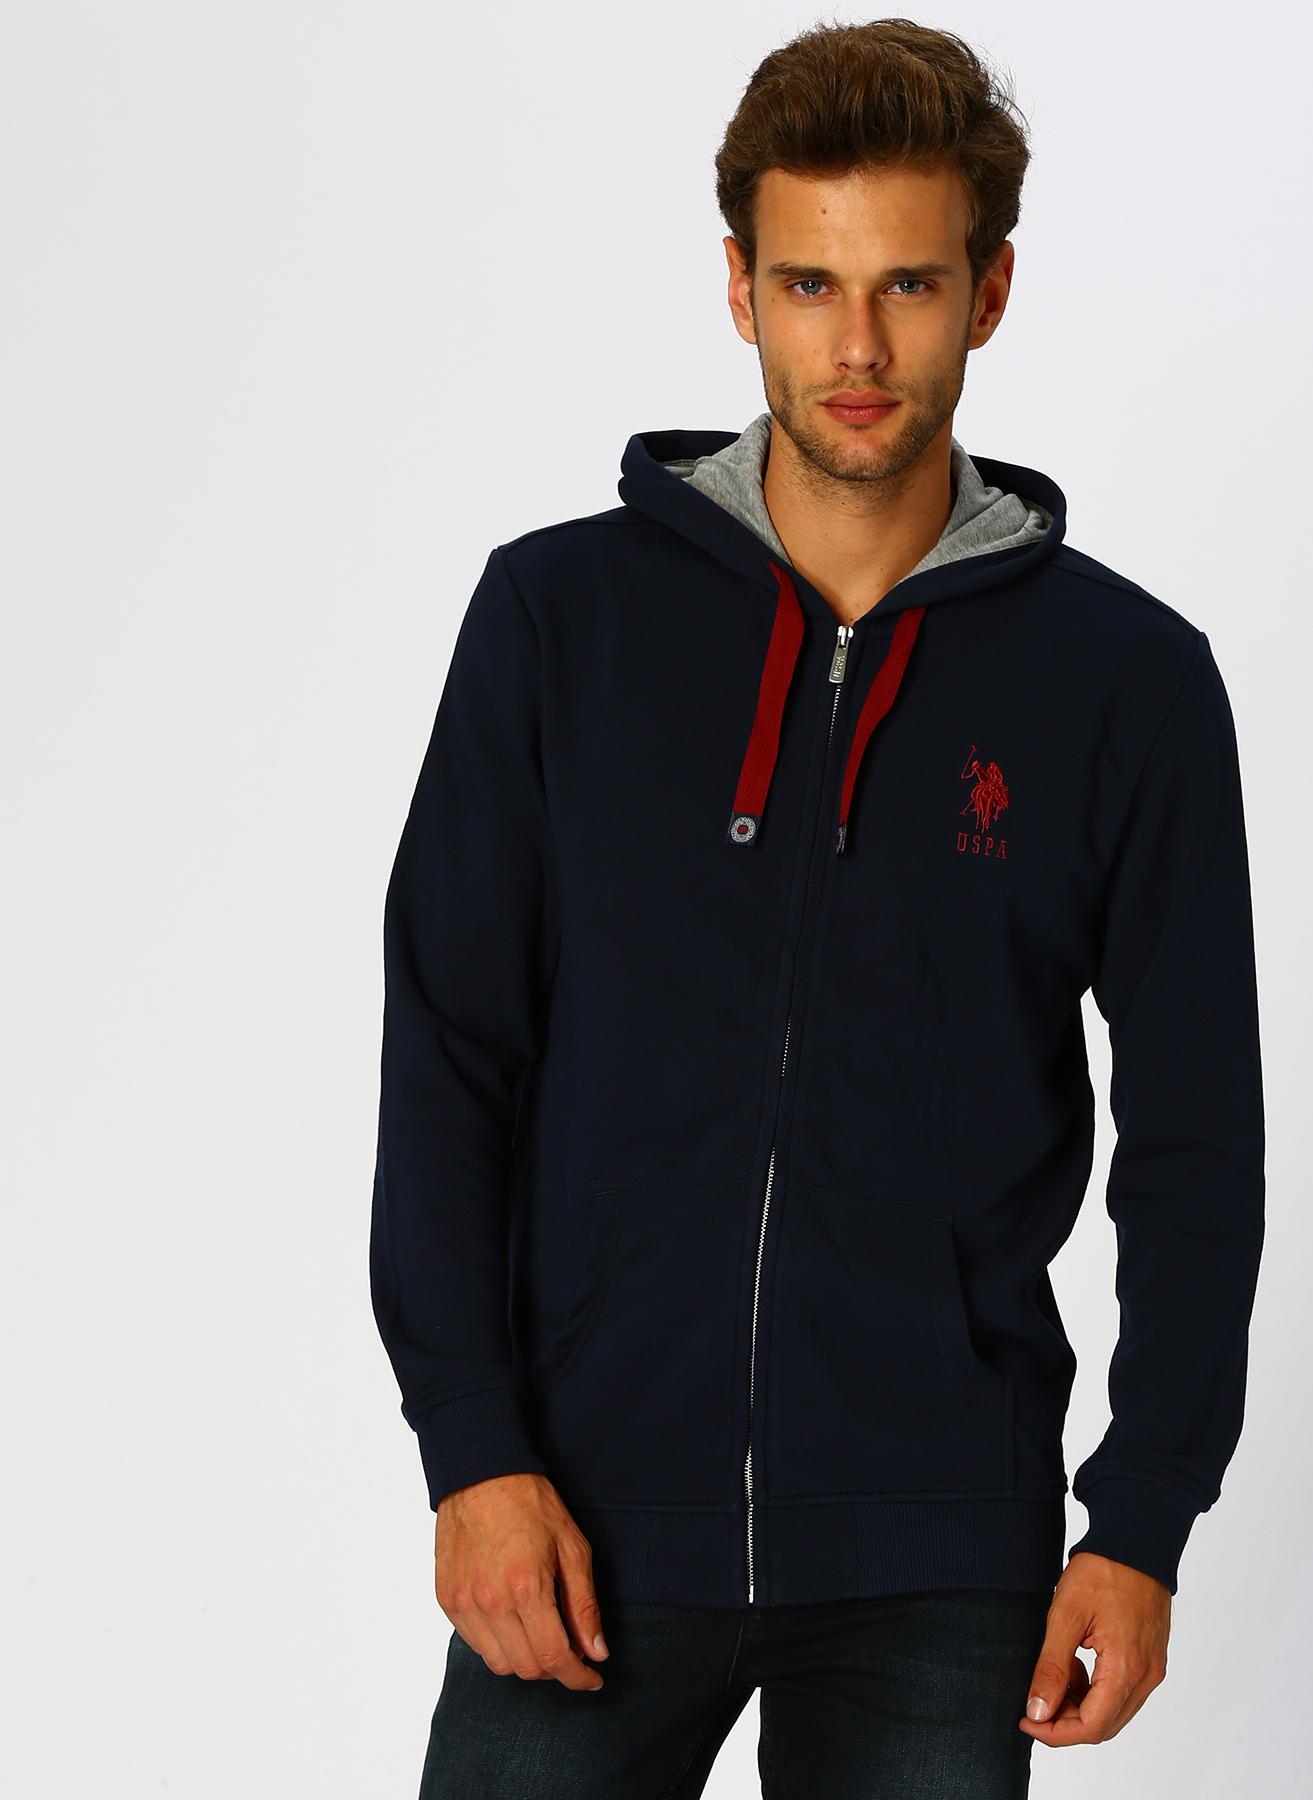 U.S. Polo Assn. Lacivert Sweatshirt L 5001704836002 Ürün Resmi